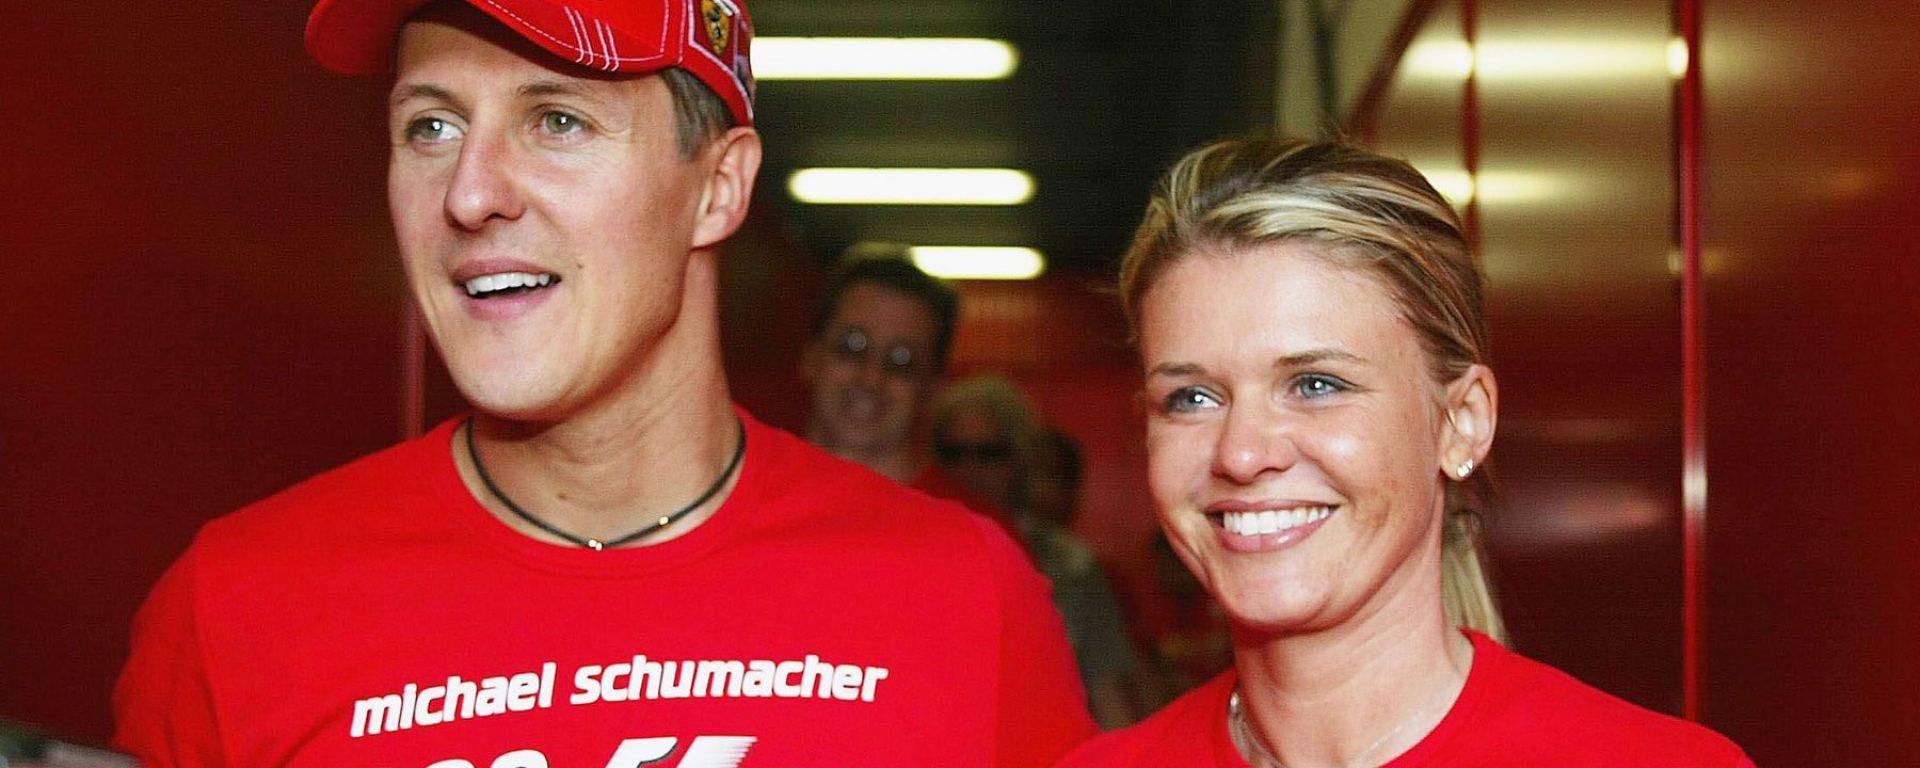 """Corinna Schumacher scrive in una lettera: """"Michael non si arrenderà"""""""